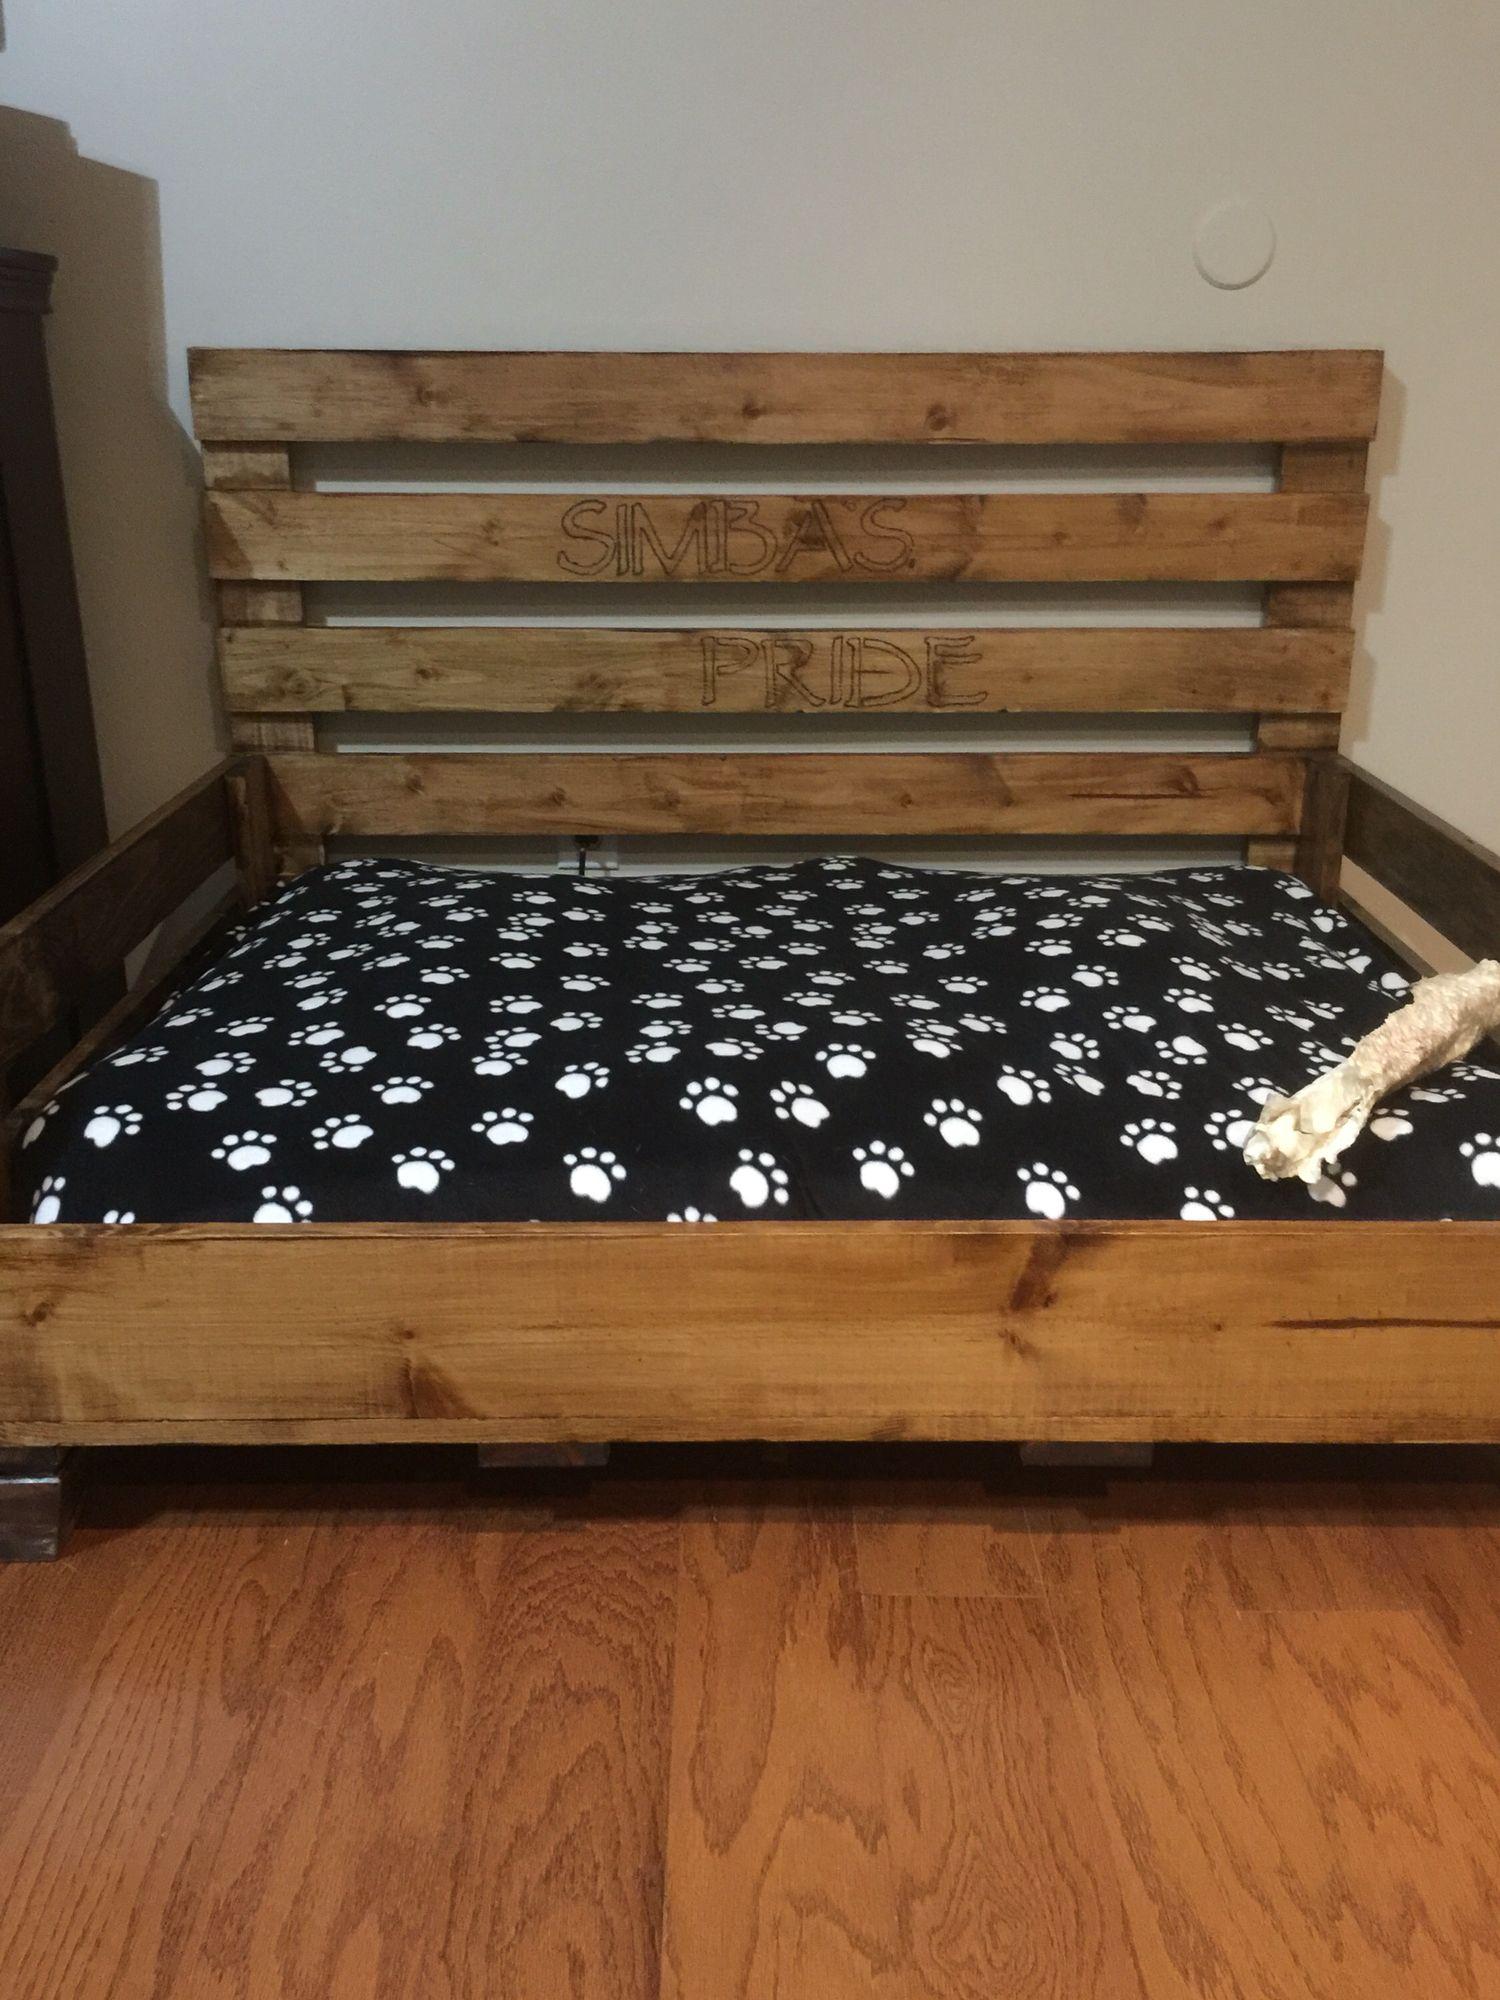 Extra Large Dog Bed Diy 350 Diy Dog Bed Dog Bed Diy Pet Bed